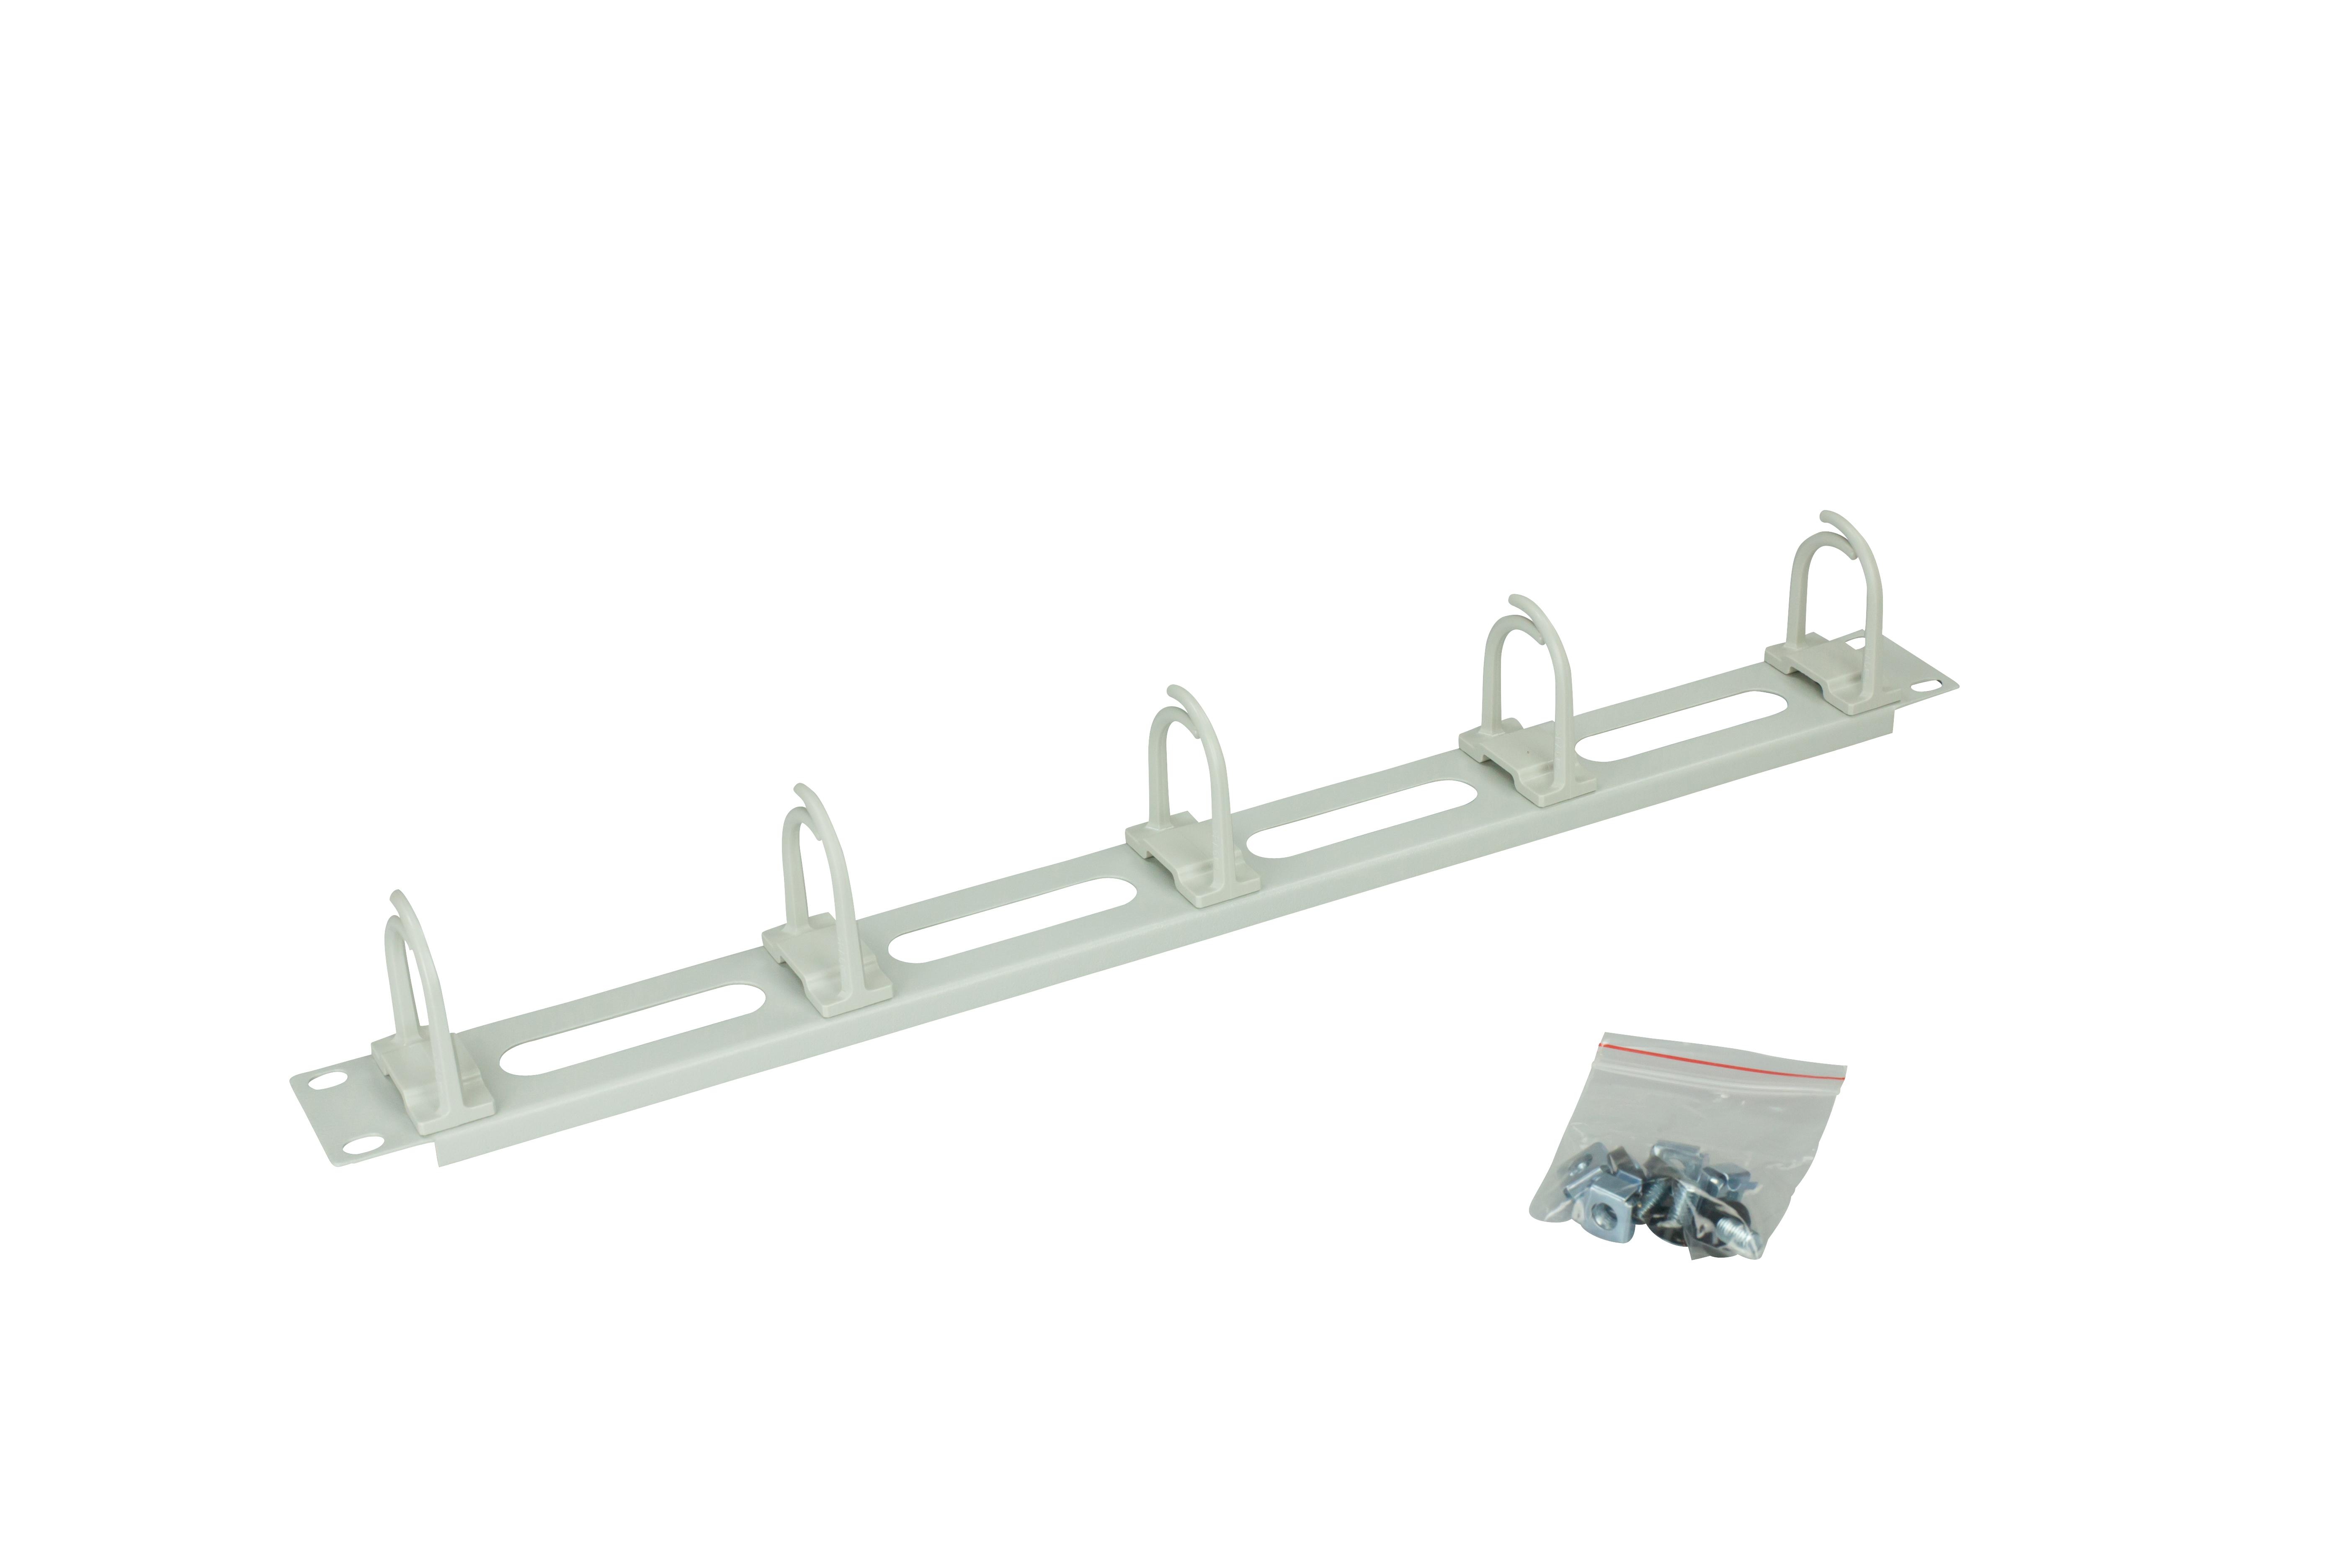 1 Stk 19 Kabelführungspanel mit Öffnungen,5 Ringe 40x53,1HE,R7035 DBS14806--